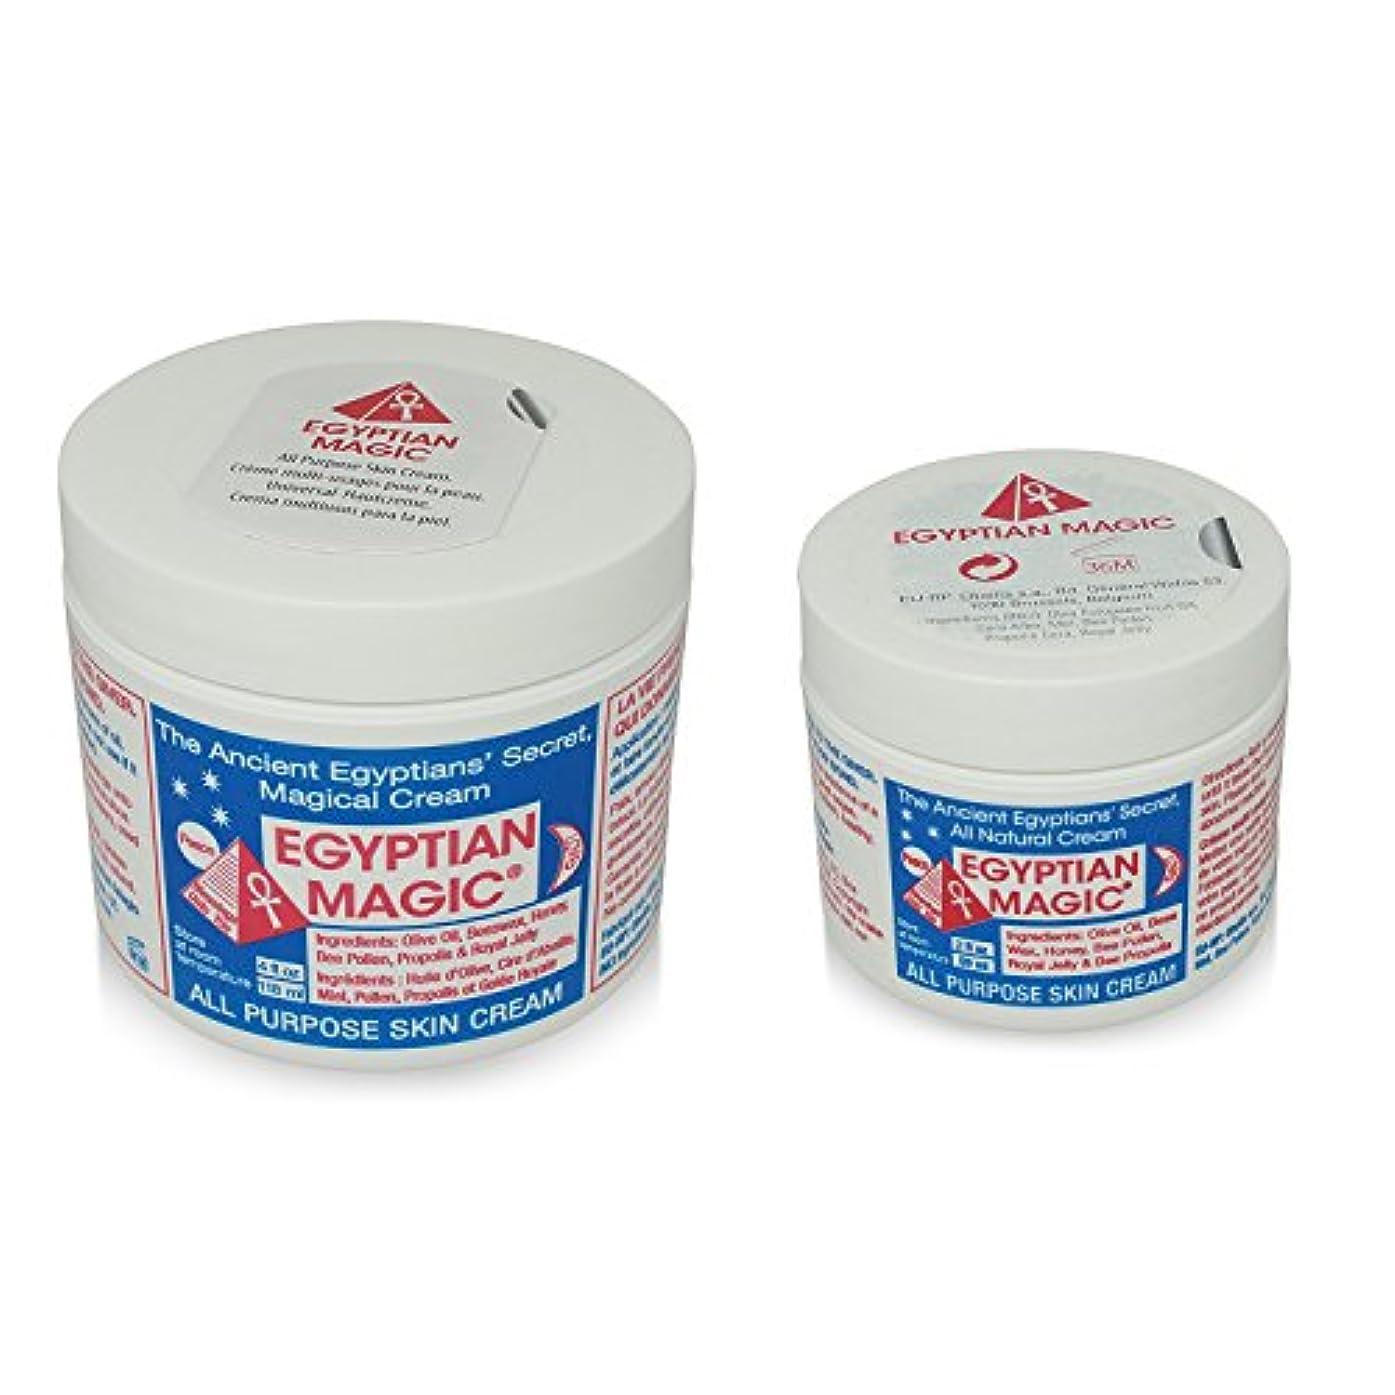 妻反響するオンEgyptian Magic Skin Cream エジプシャンマジッククリーム  (118ml)と(59ml)の2個セット